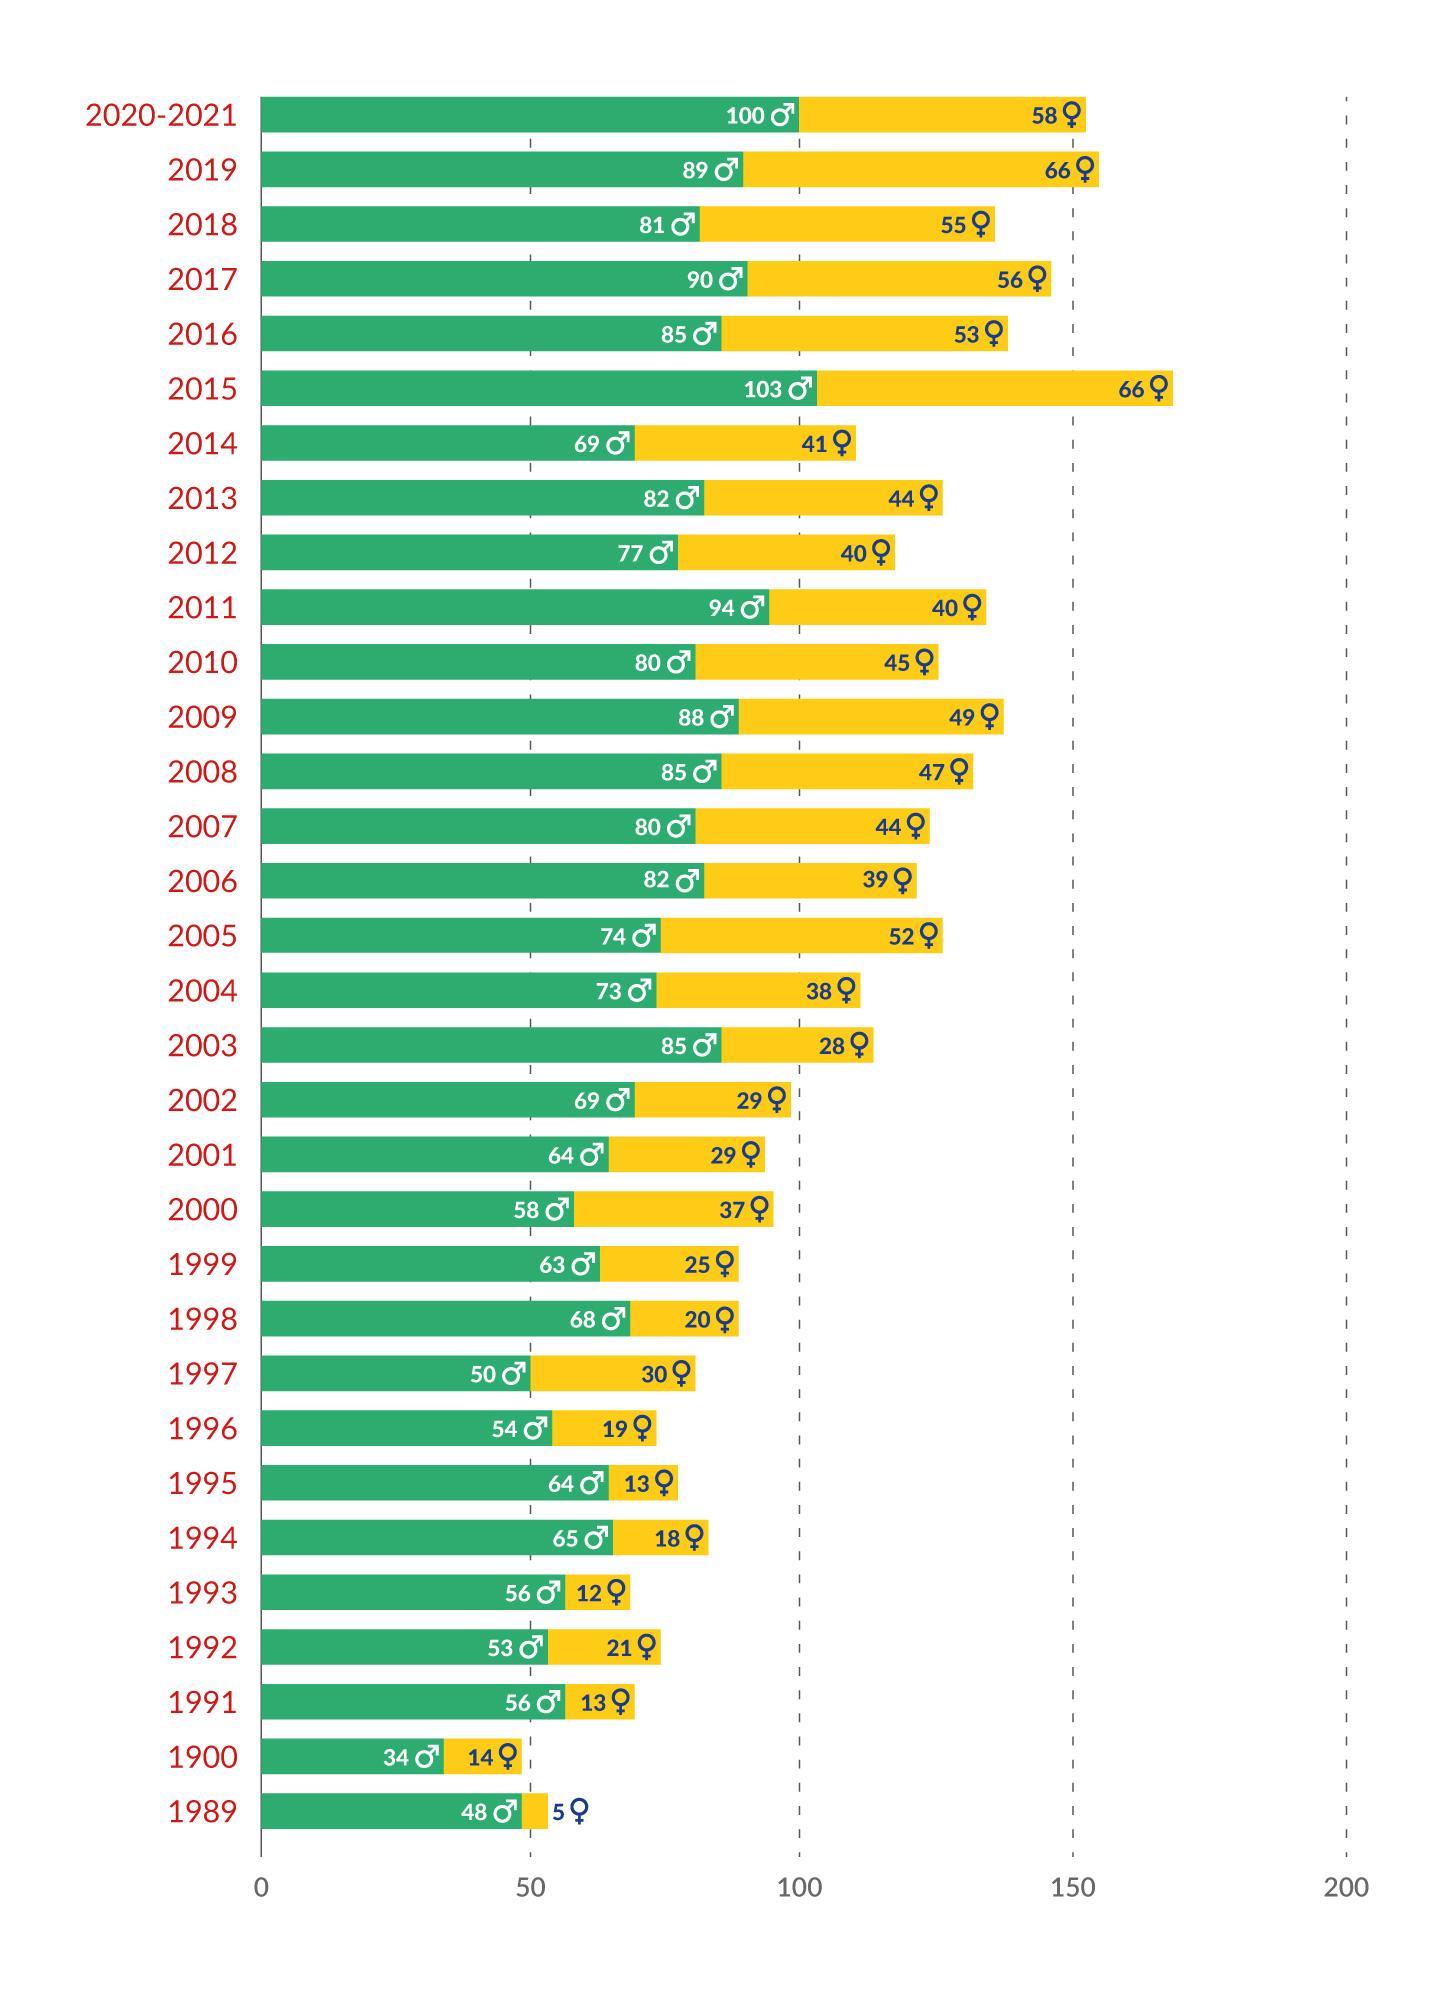 Participantes EUCYS por género 1989-2021